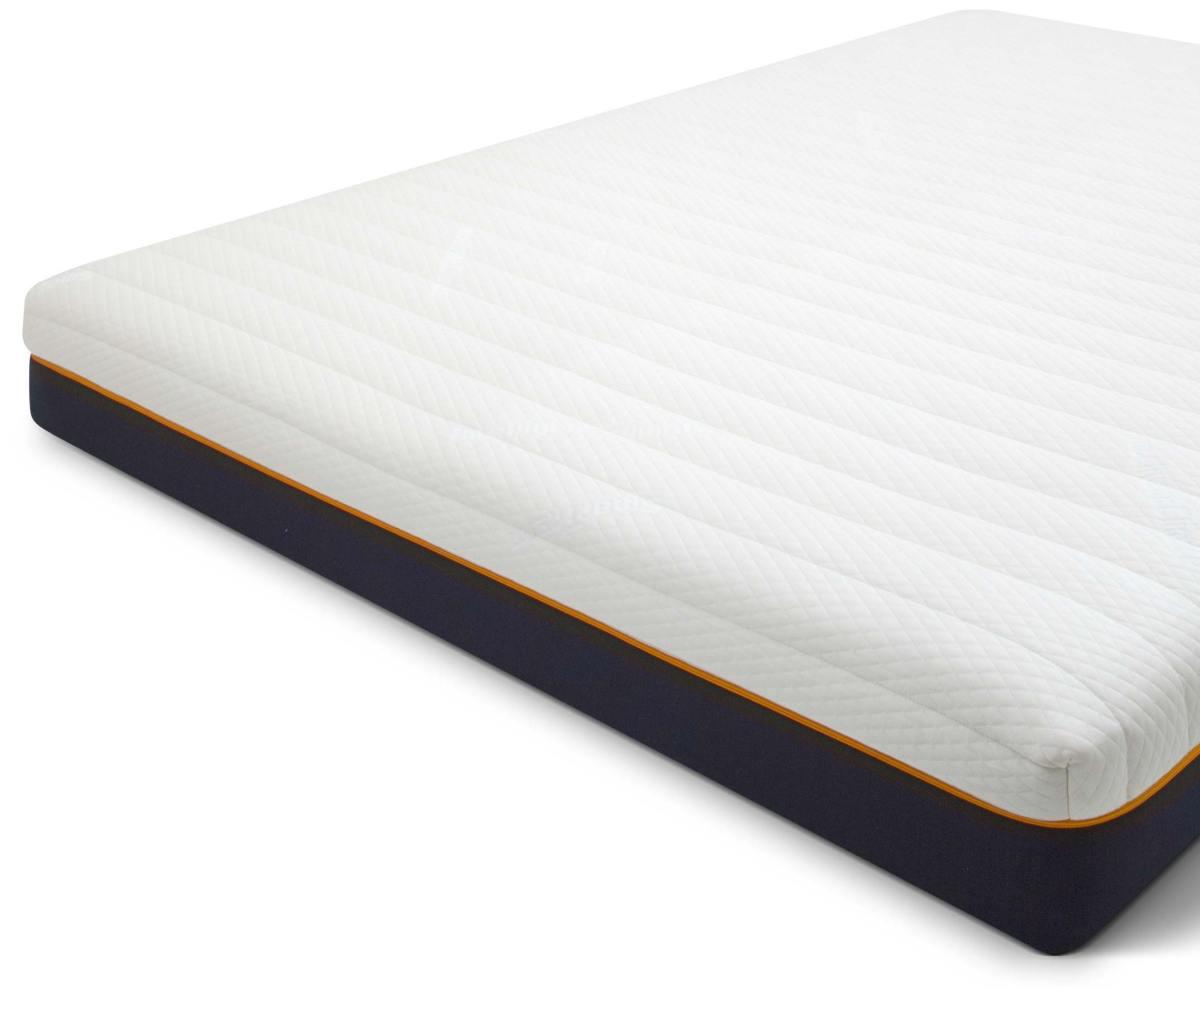 Sleeppando materasso memory ortopedico vista laterale